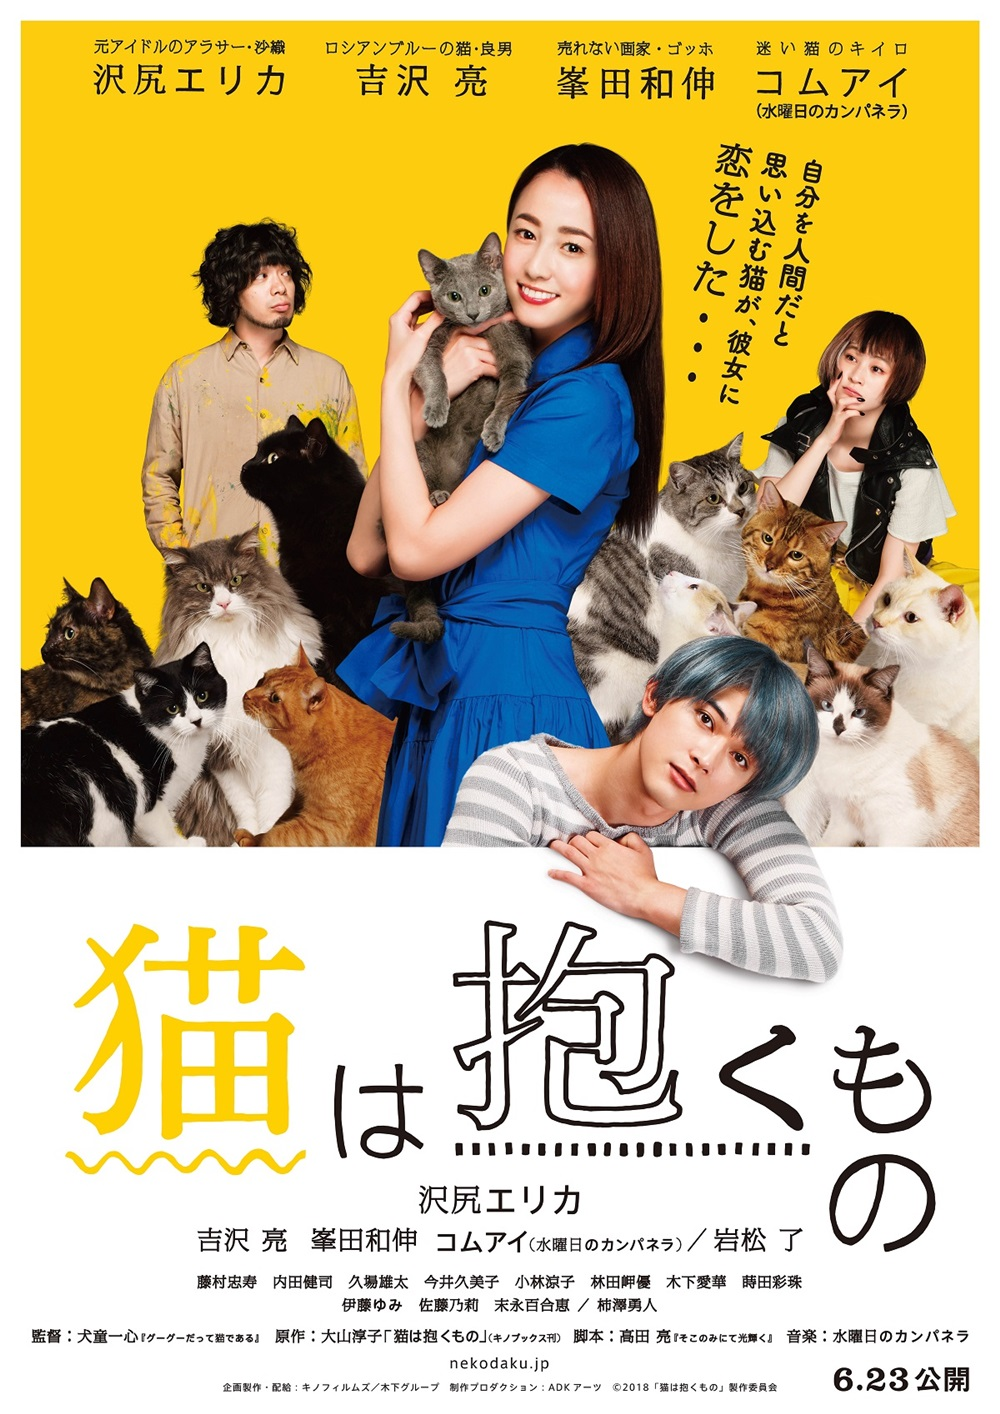 【画像】映画『猫は抱くもの』ポスタービジュアル